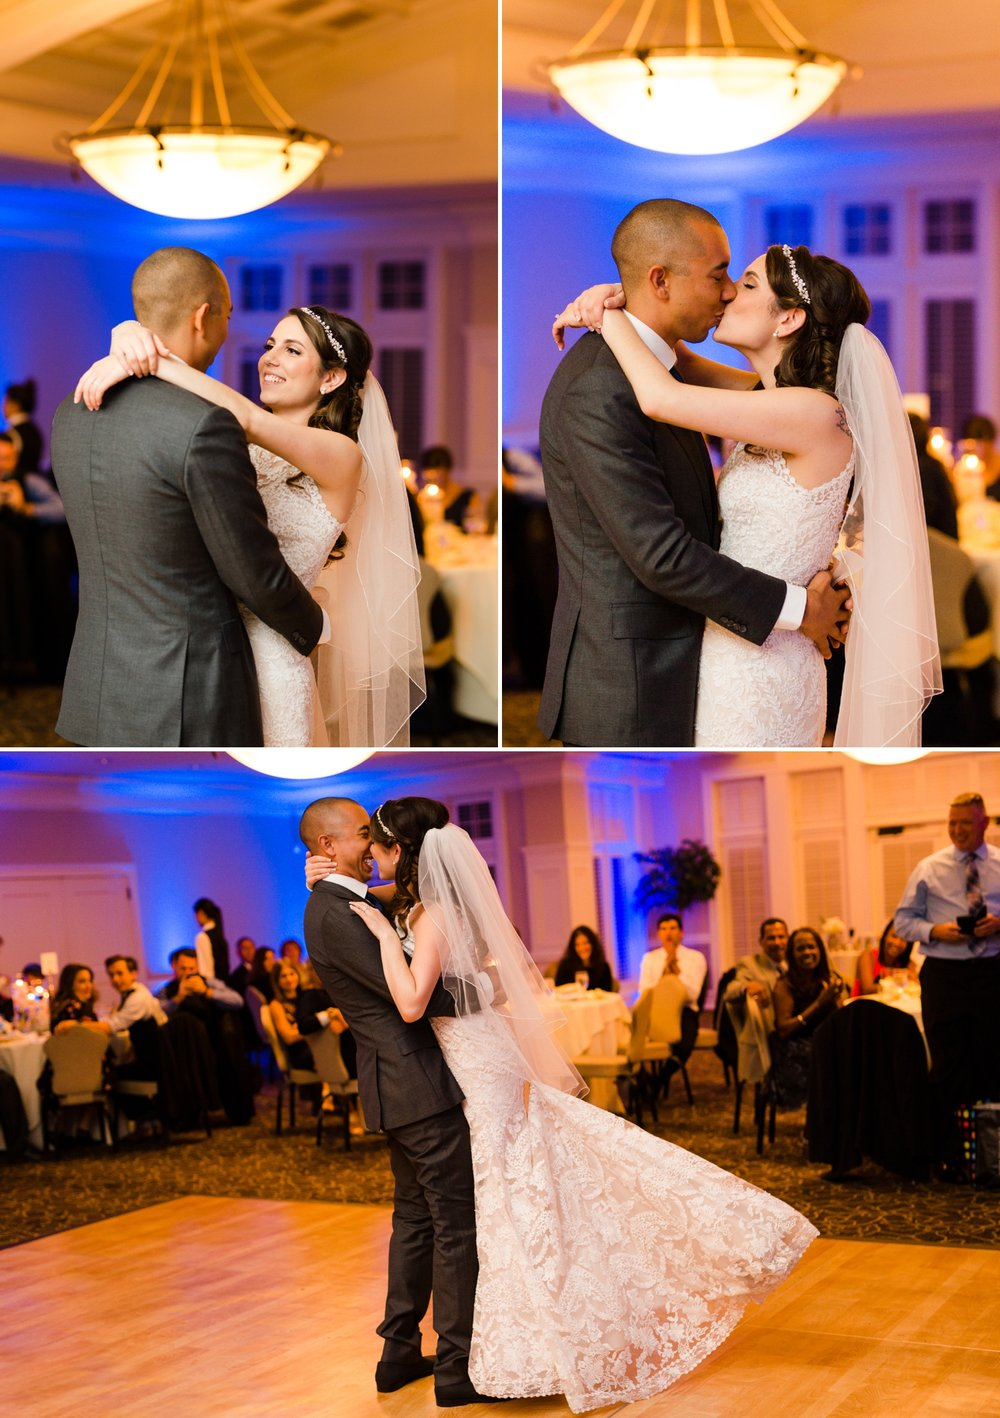 30-first-dance-newcastle-golf-club-wedding.jpg